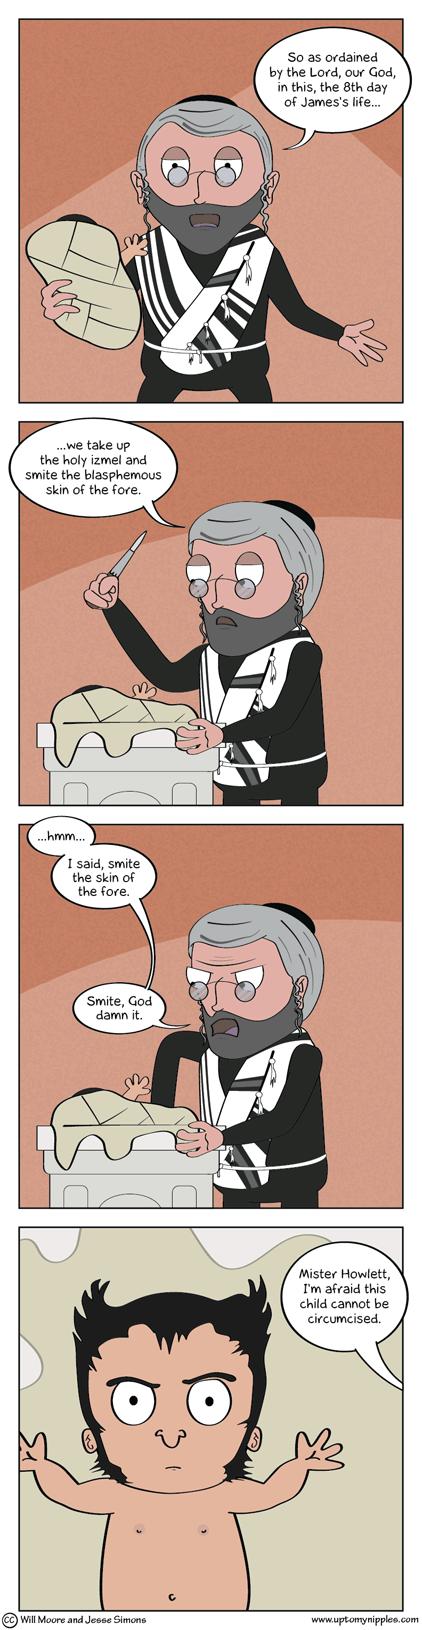 Bristine Condition comic